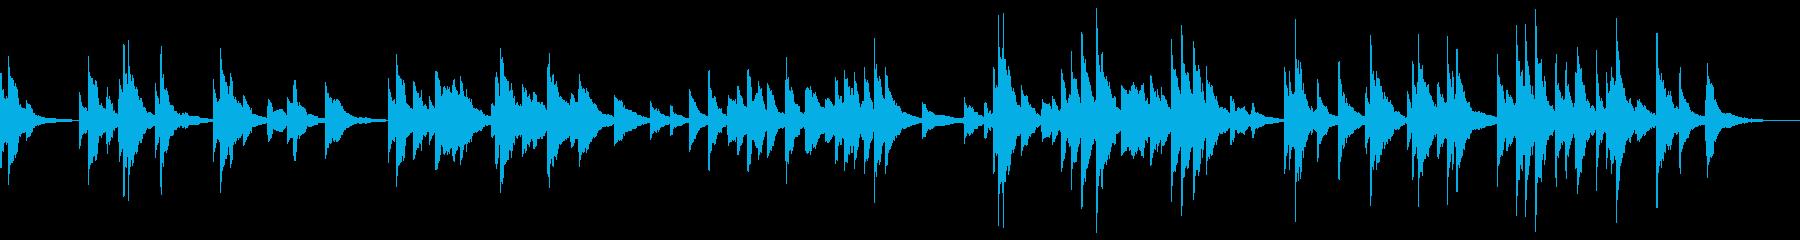 スパースインストゥルメンテーション...の再生済みの波形